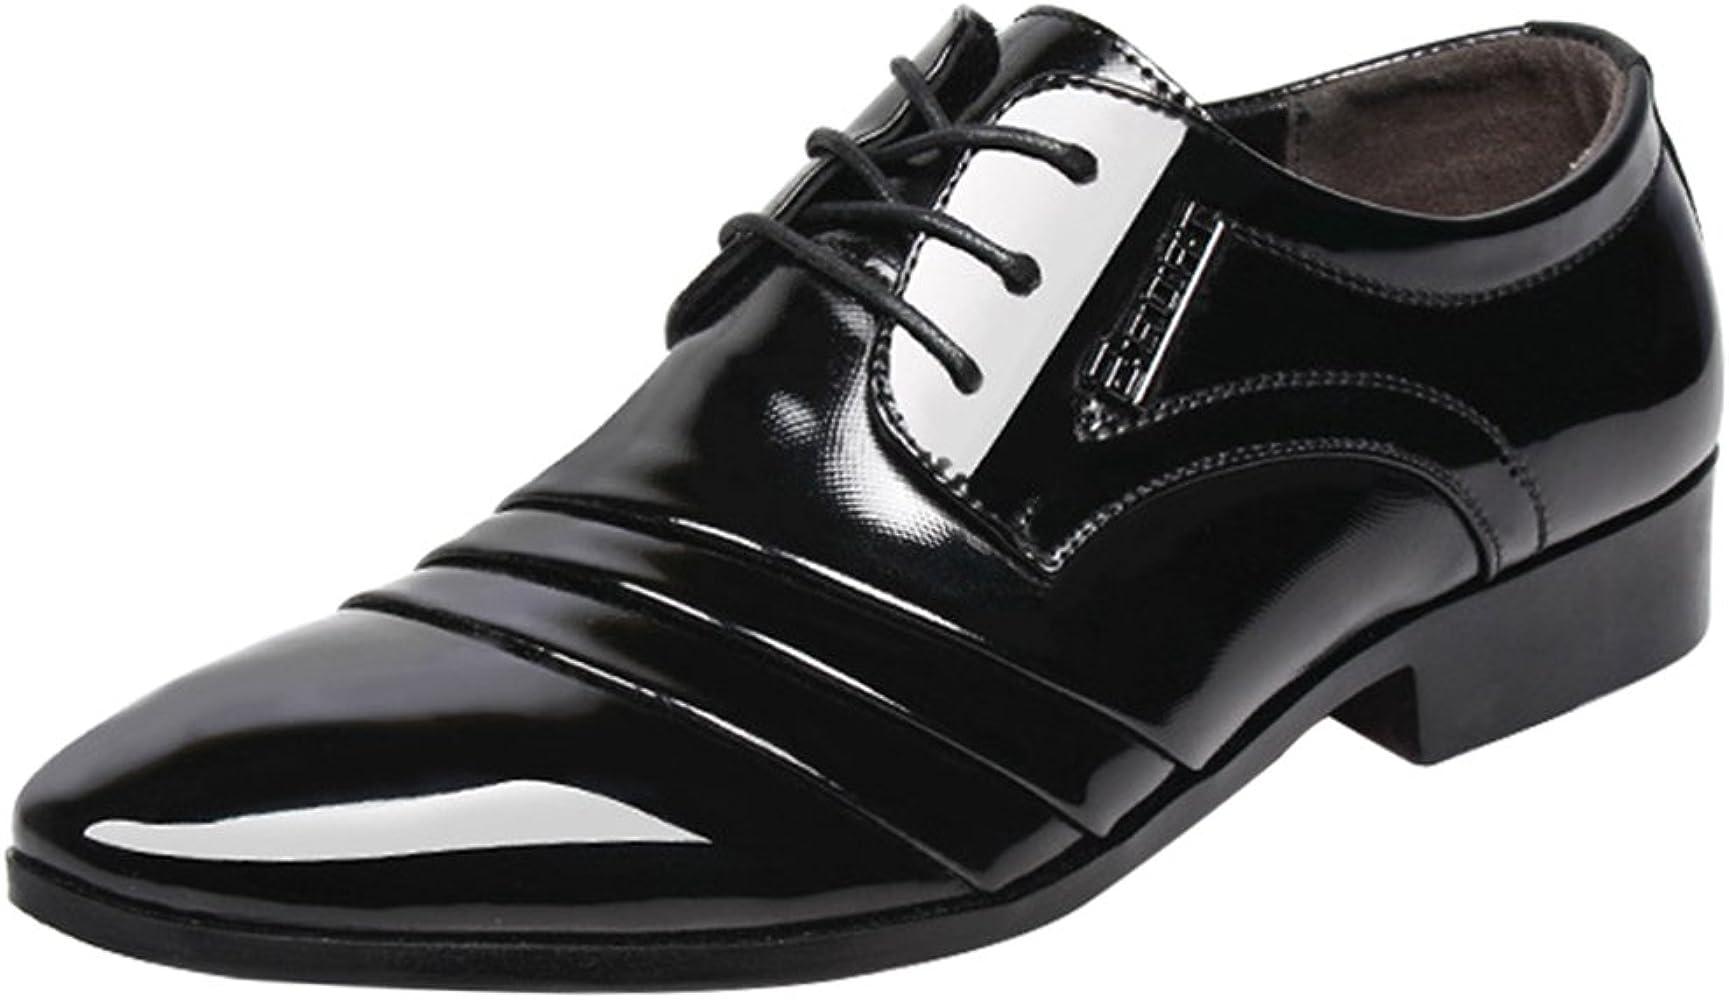 Mariage Chaussures Pour Chaussures Homme Classique Classique dtQsrCh